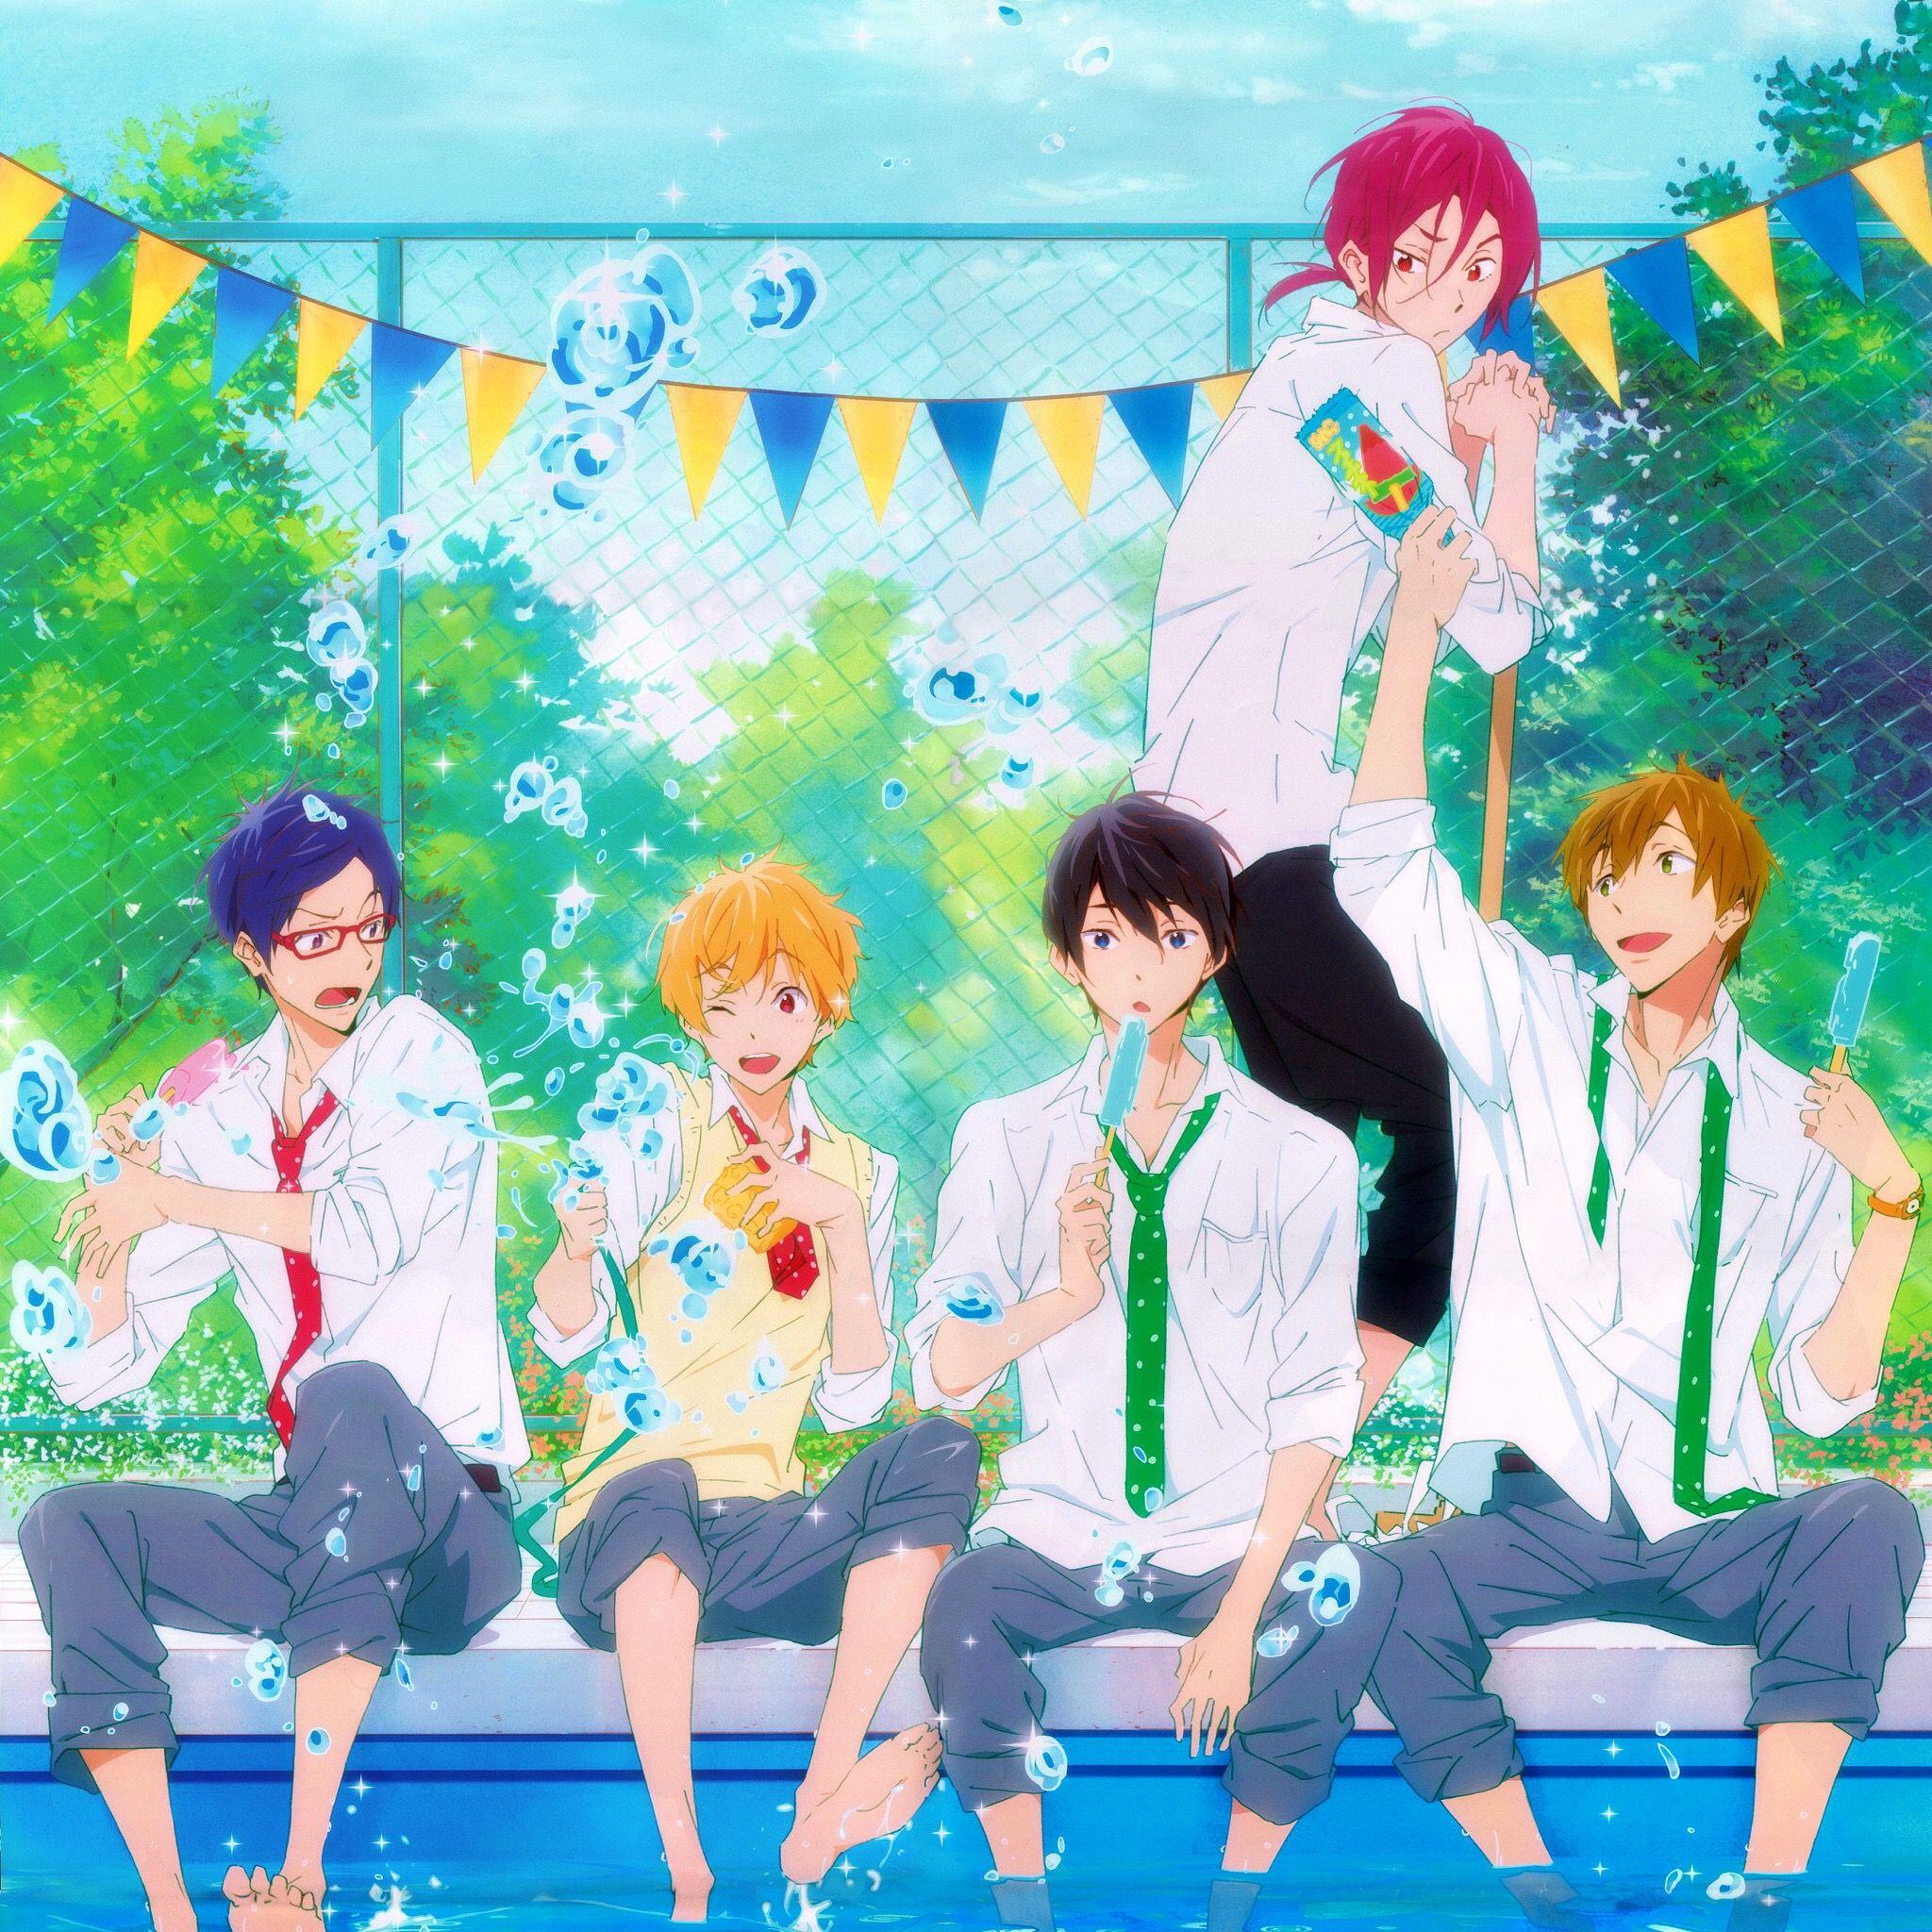 Free Manga Iphone: Free! Anime Wallpaper